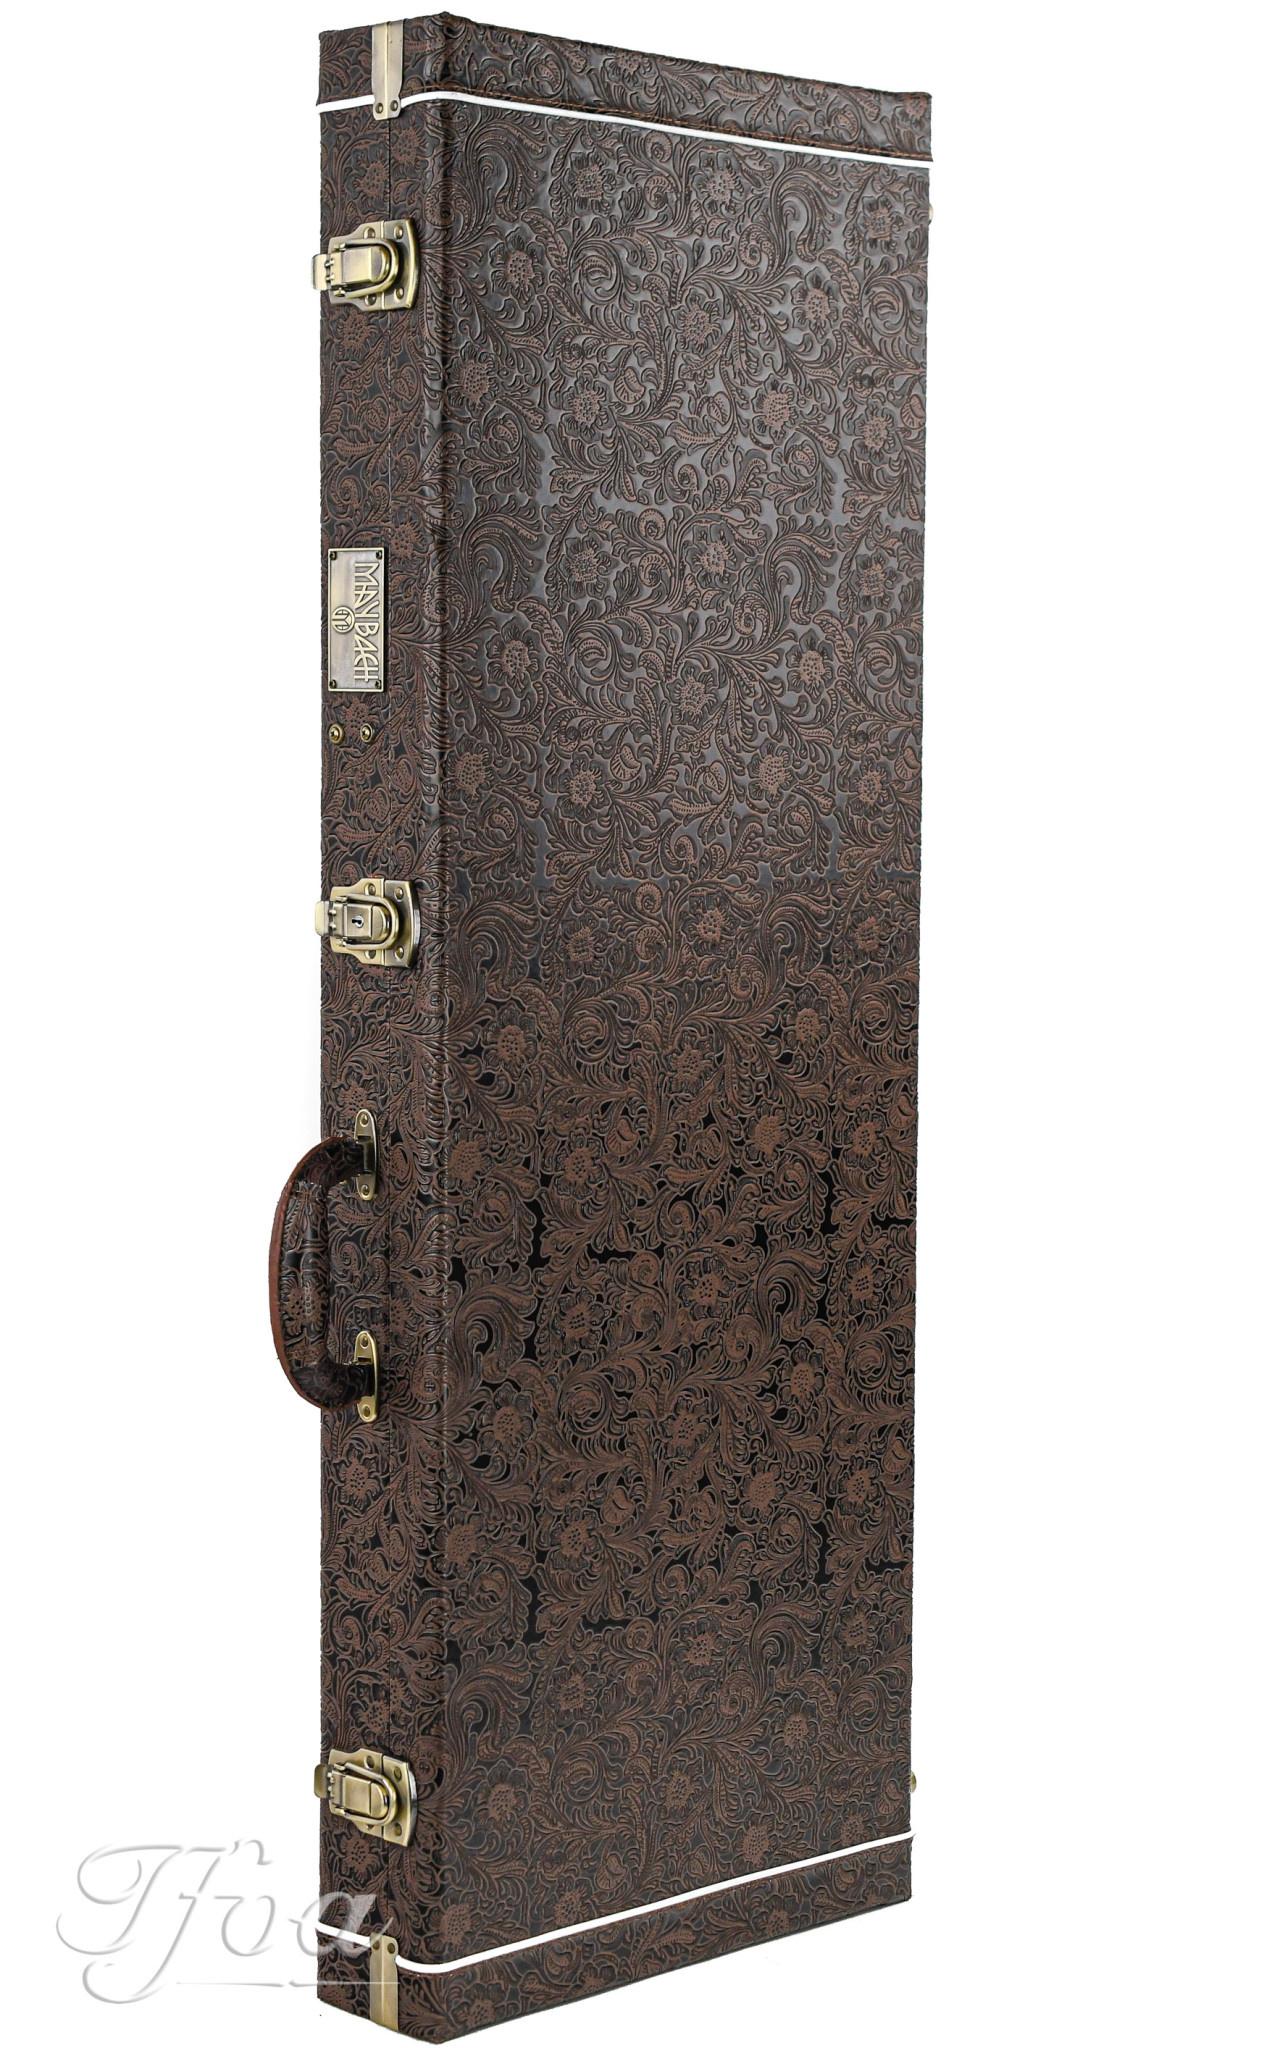 Maybach Teleman Luxus Case